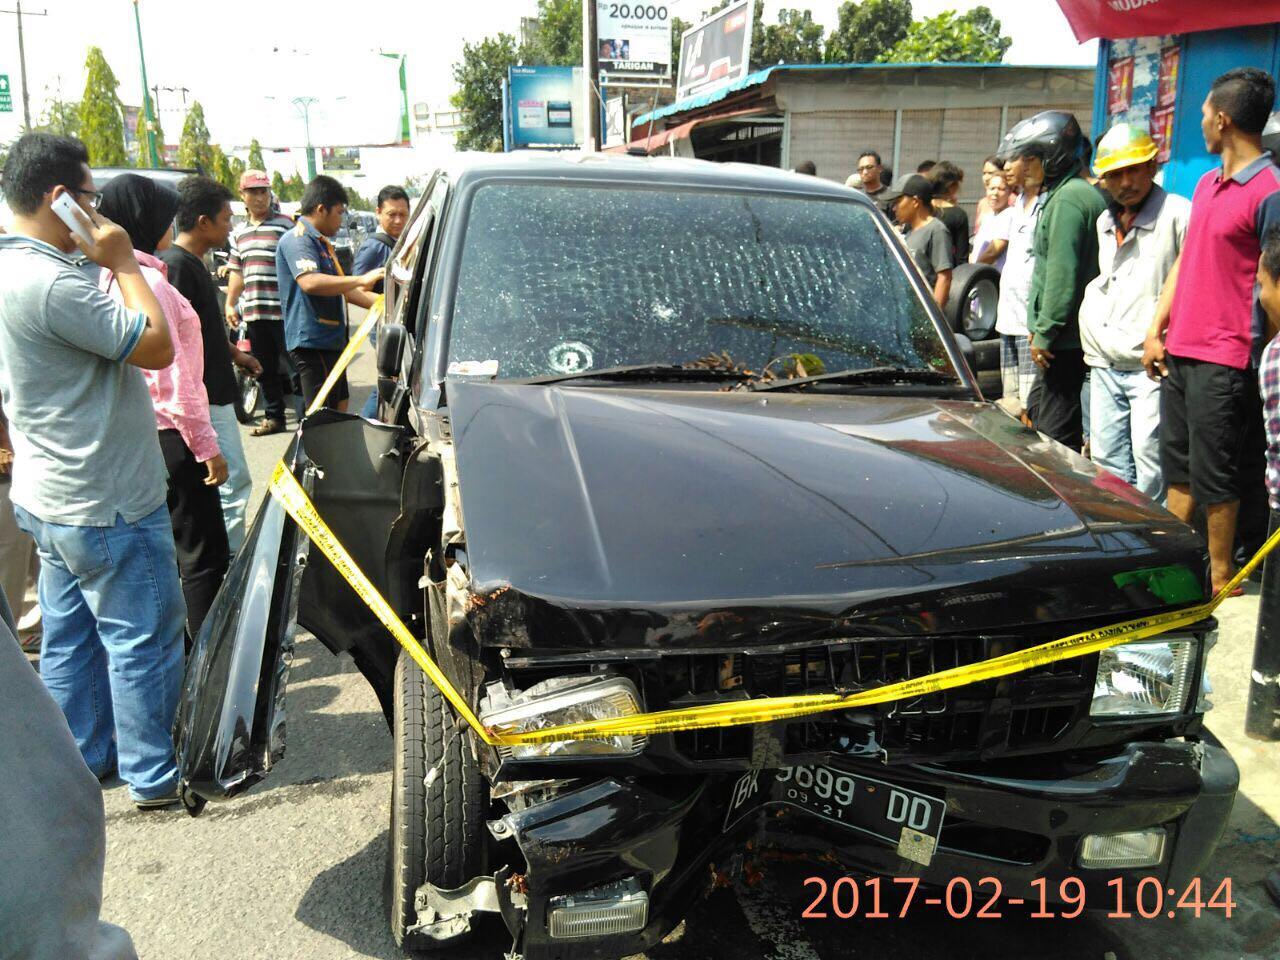 Mobil milik bandar narkoba ringsek saat dibekuk BNN. (foto: Res)